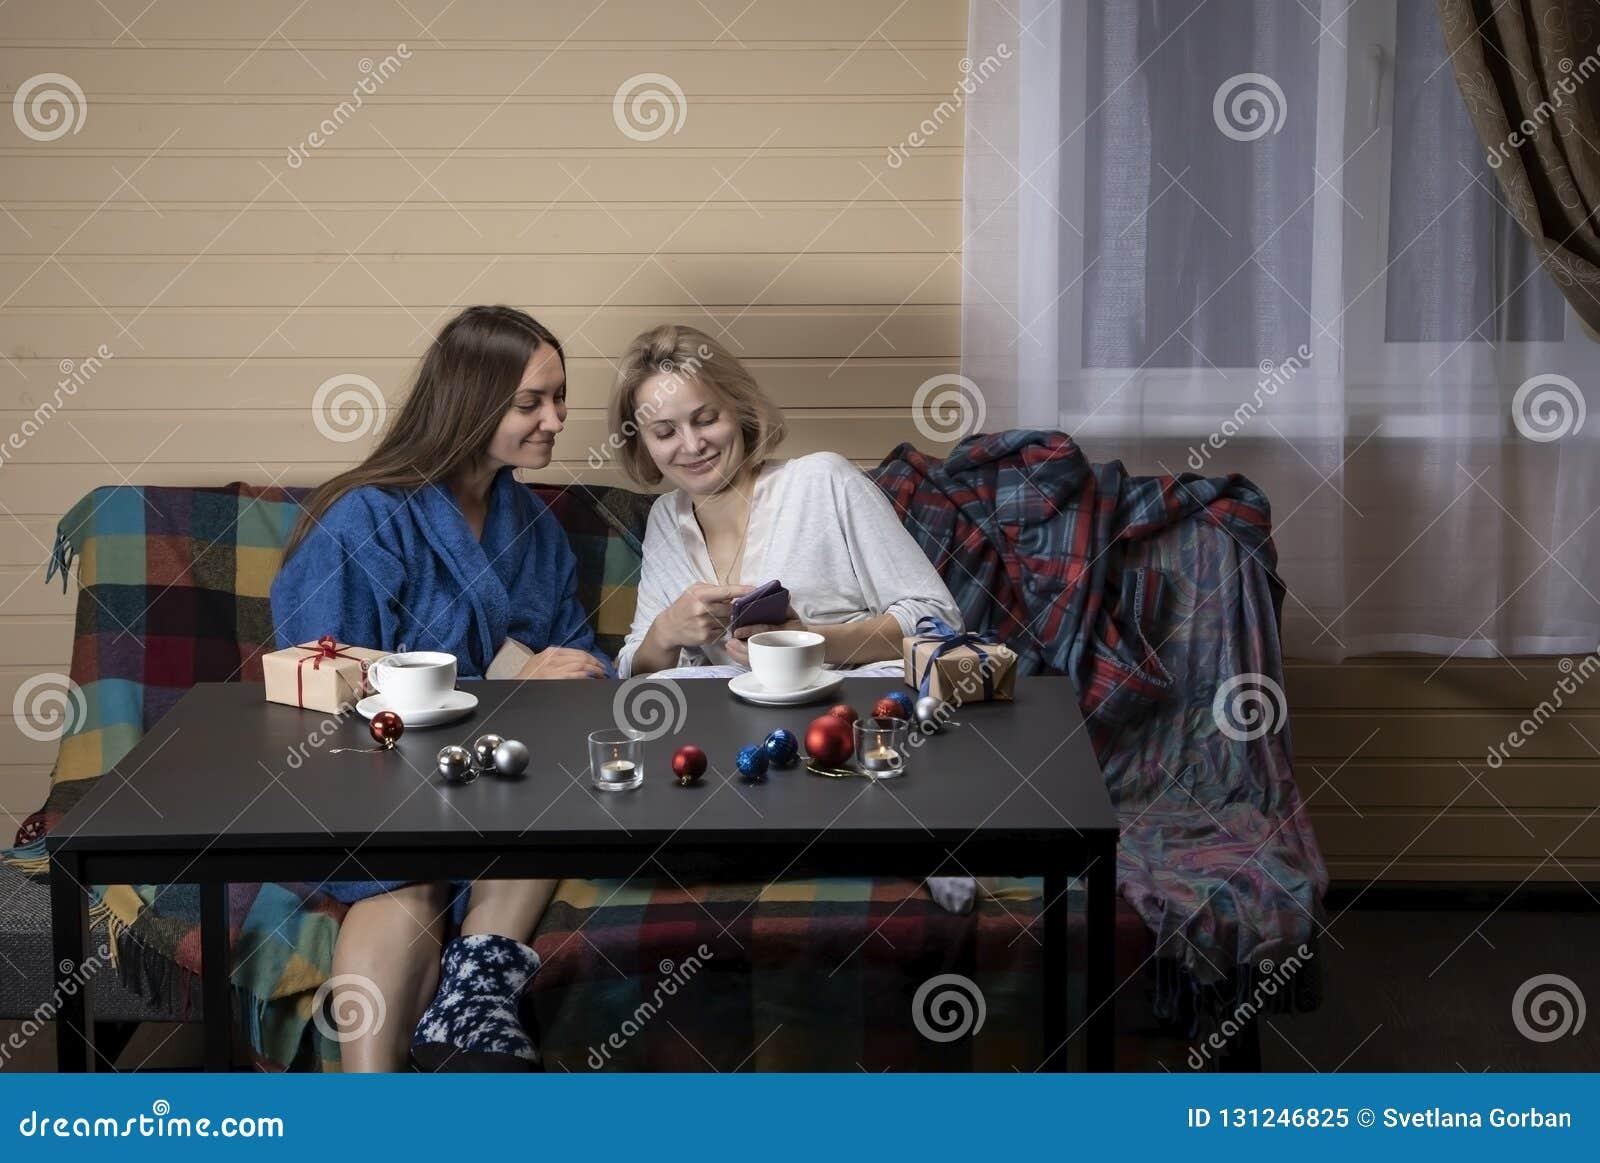 家庭衣裳的妇女喝茶